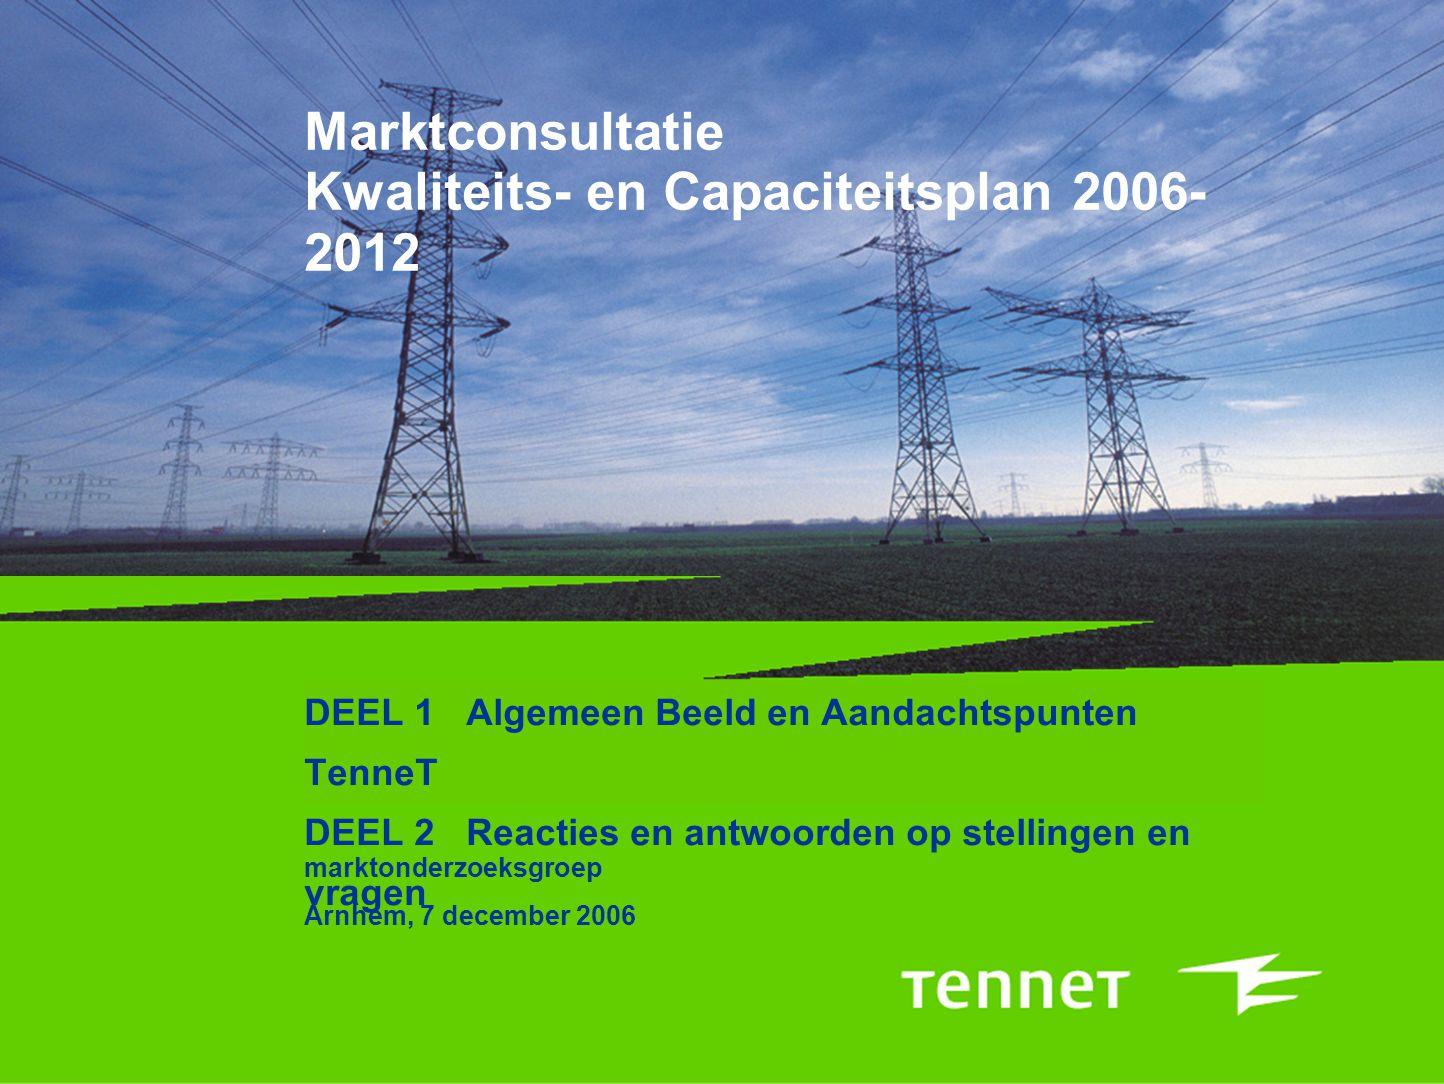 Marktconsultatie Kwaliteits- en Capaciteitsplan 2006- 2012 DEEL 1 Algemeen Beeld en Aandachtspunten TenneT DEEL 2 Reacties en antwoorden op stellingen